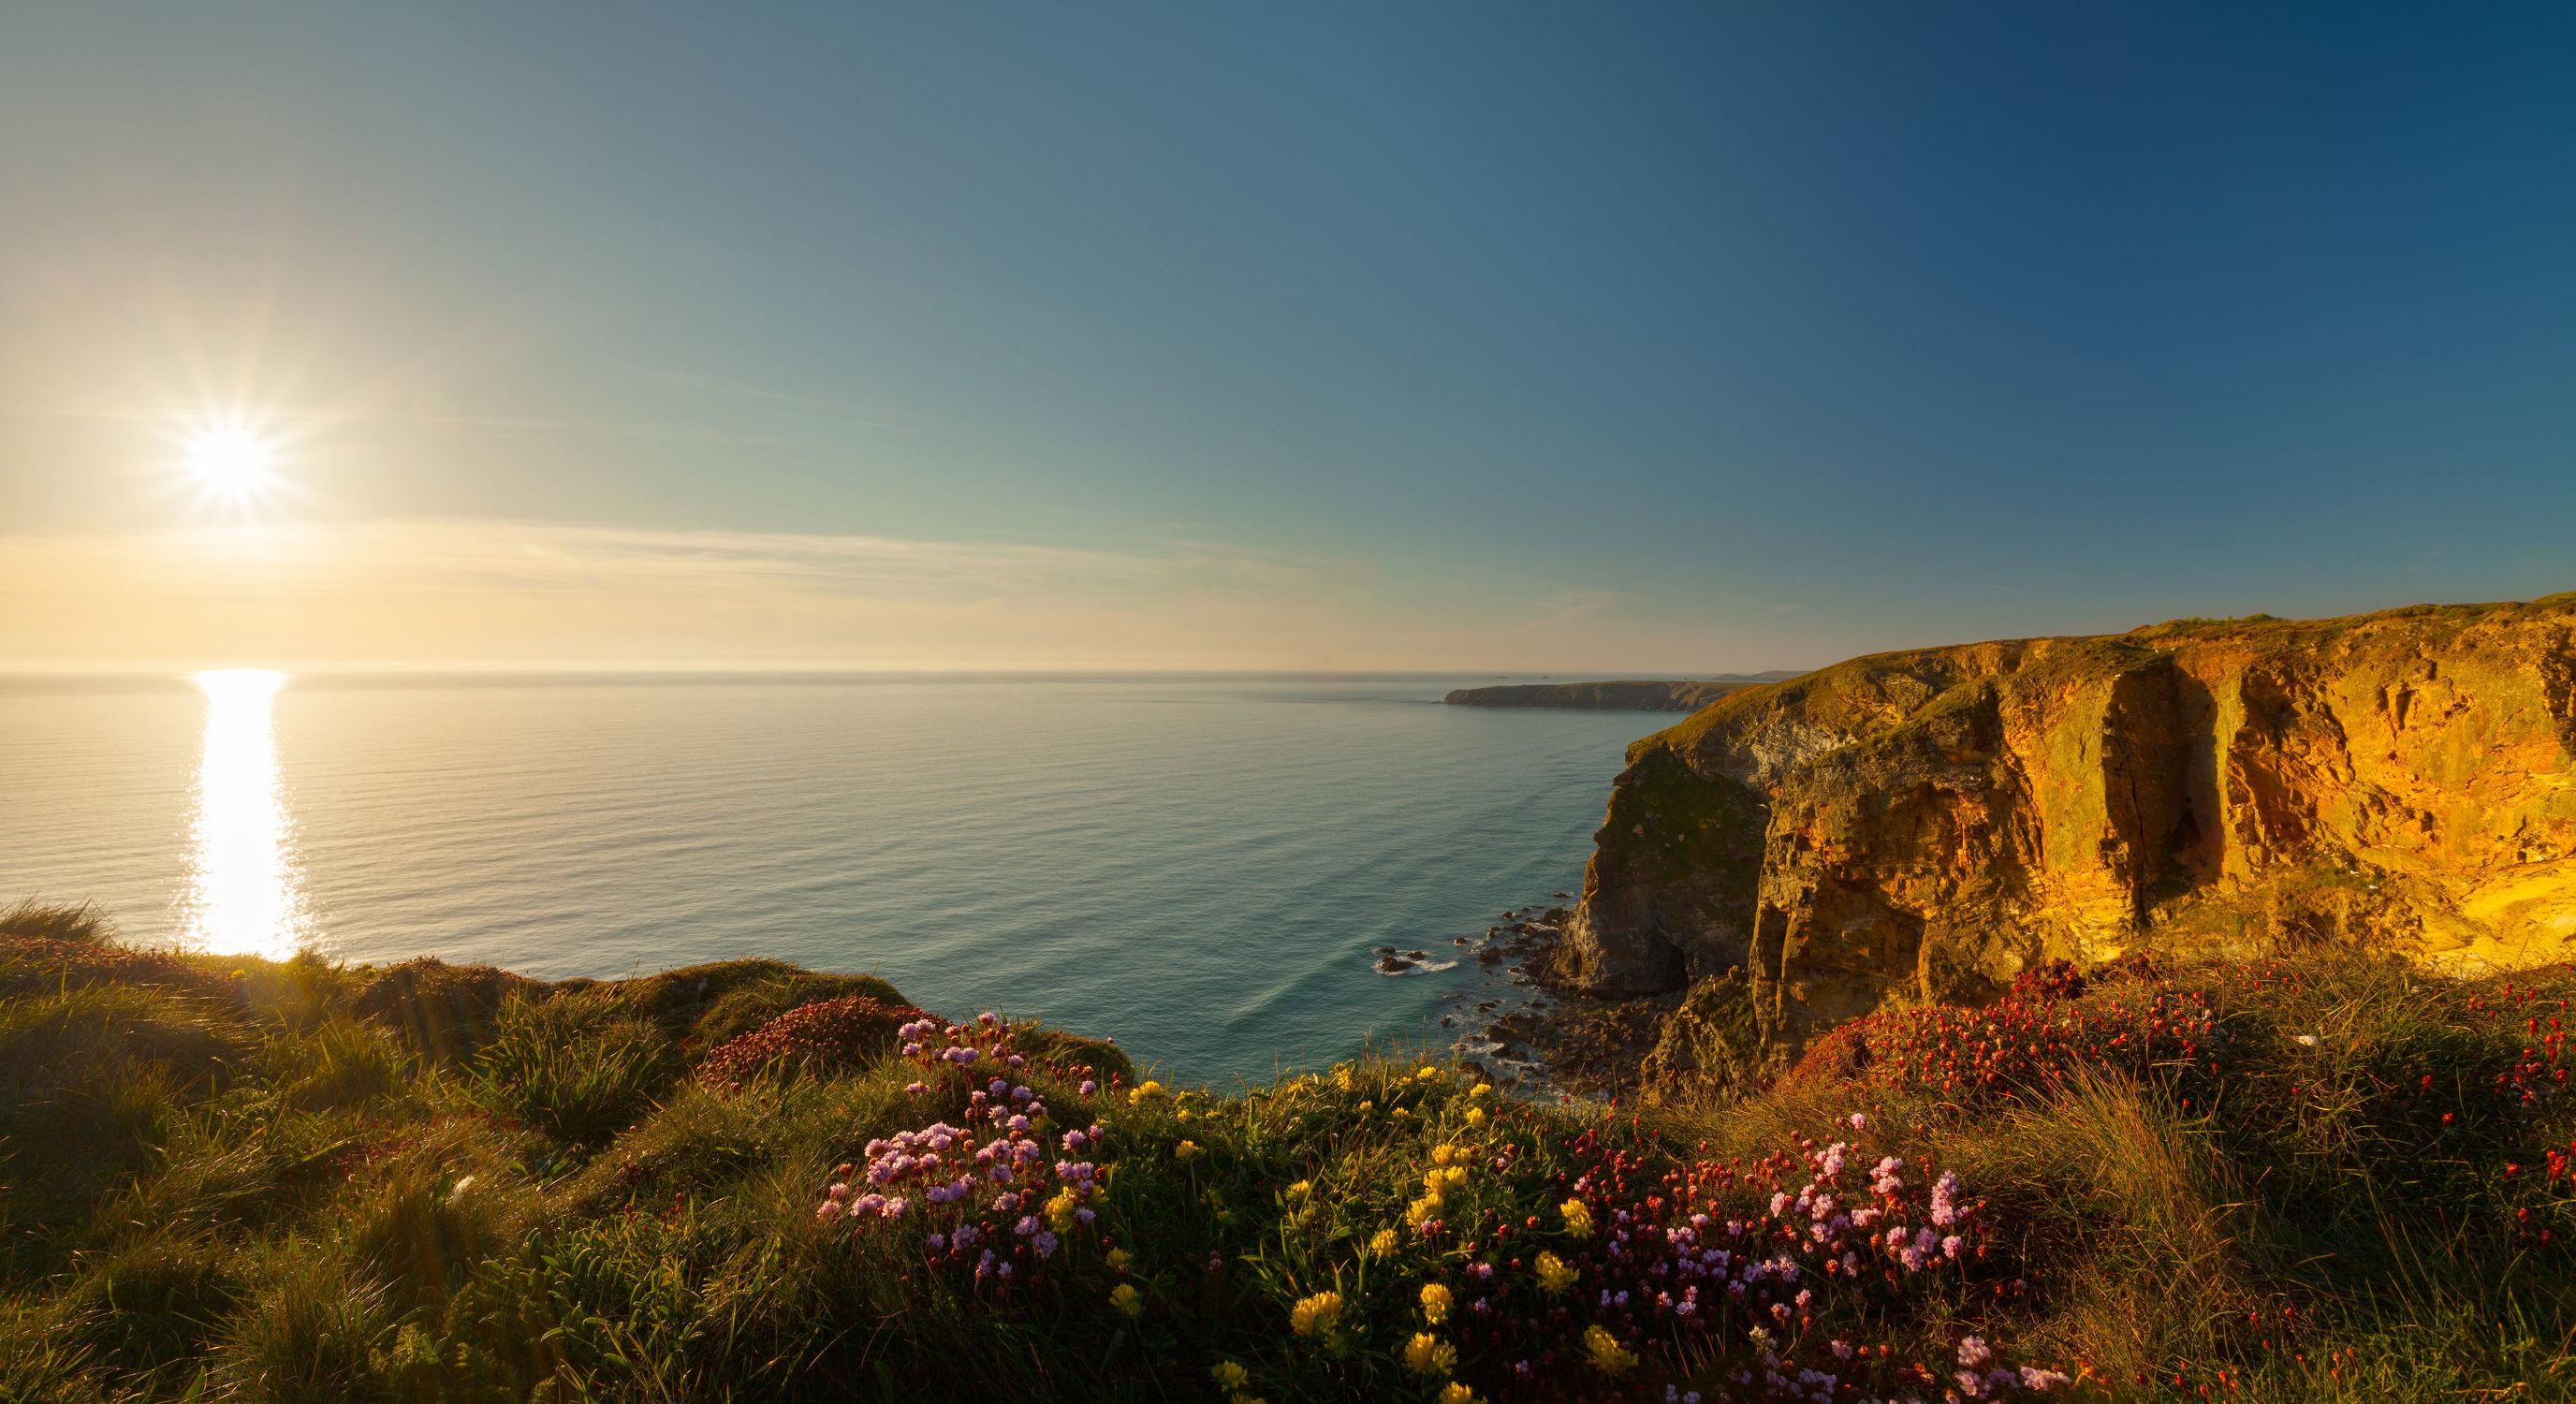 Bild mit Natur, Gewässer, Blumen, Meer, Blume, Nature, See, Feld, Küste, Felder, Weide, Weiden